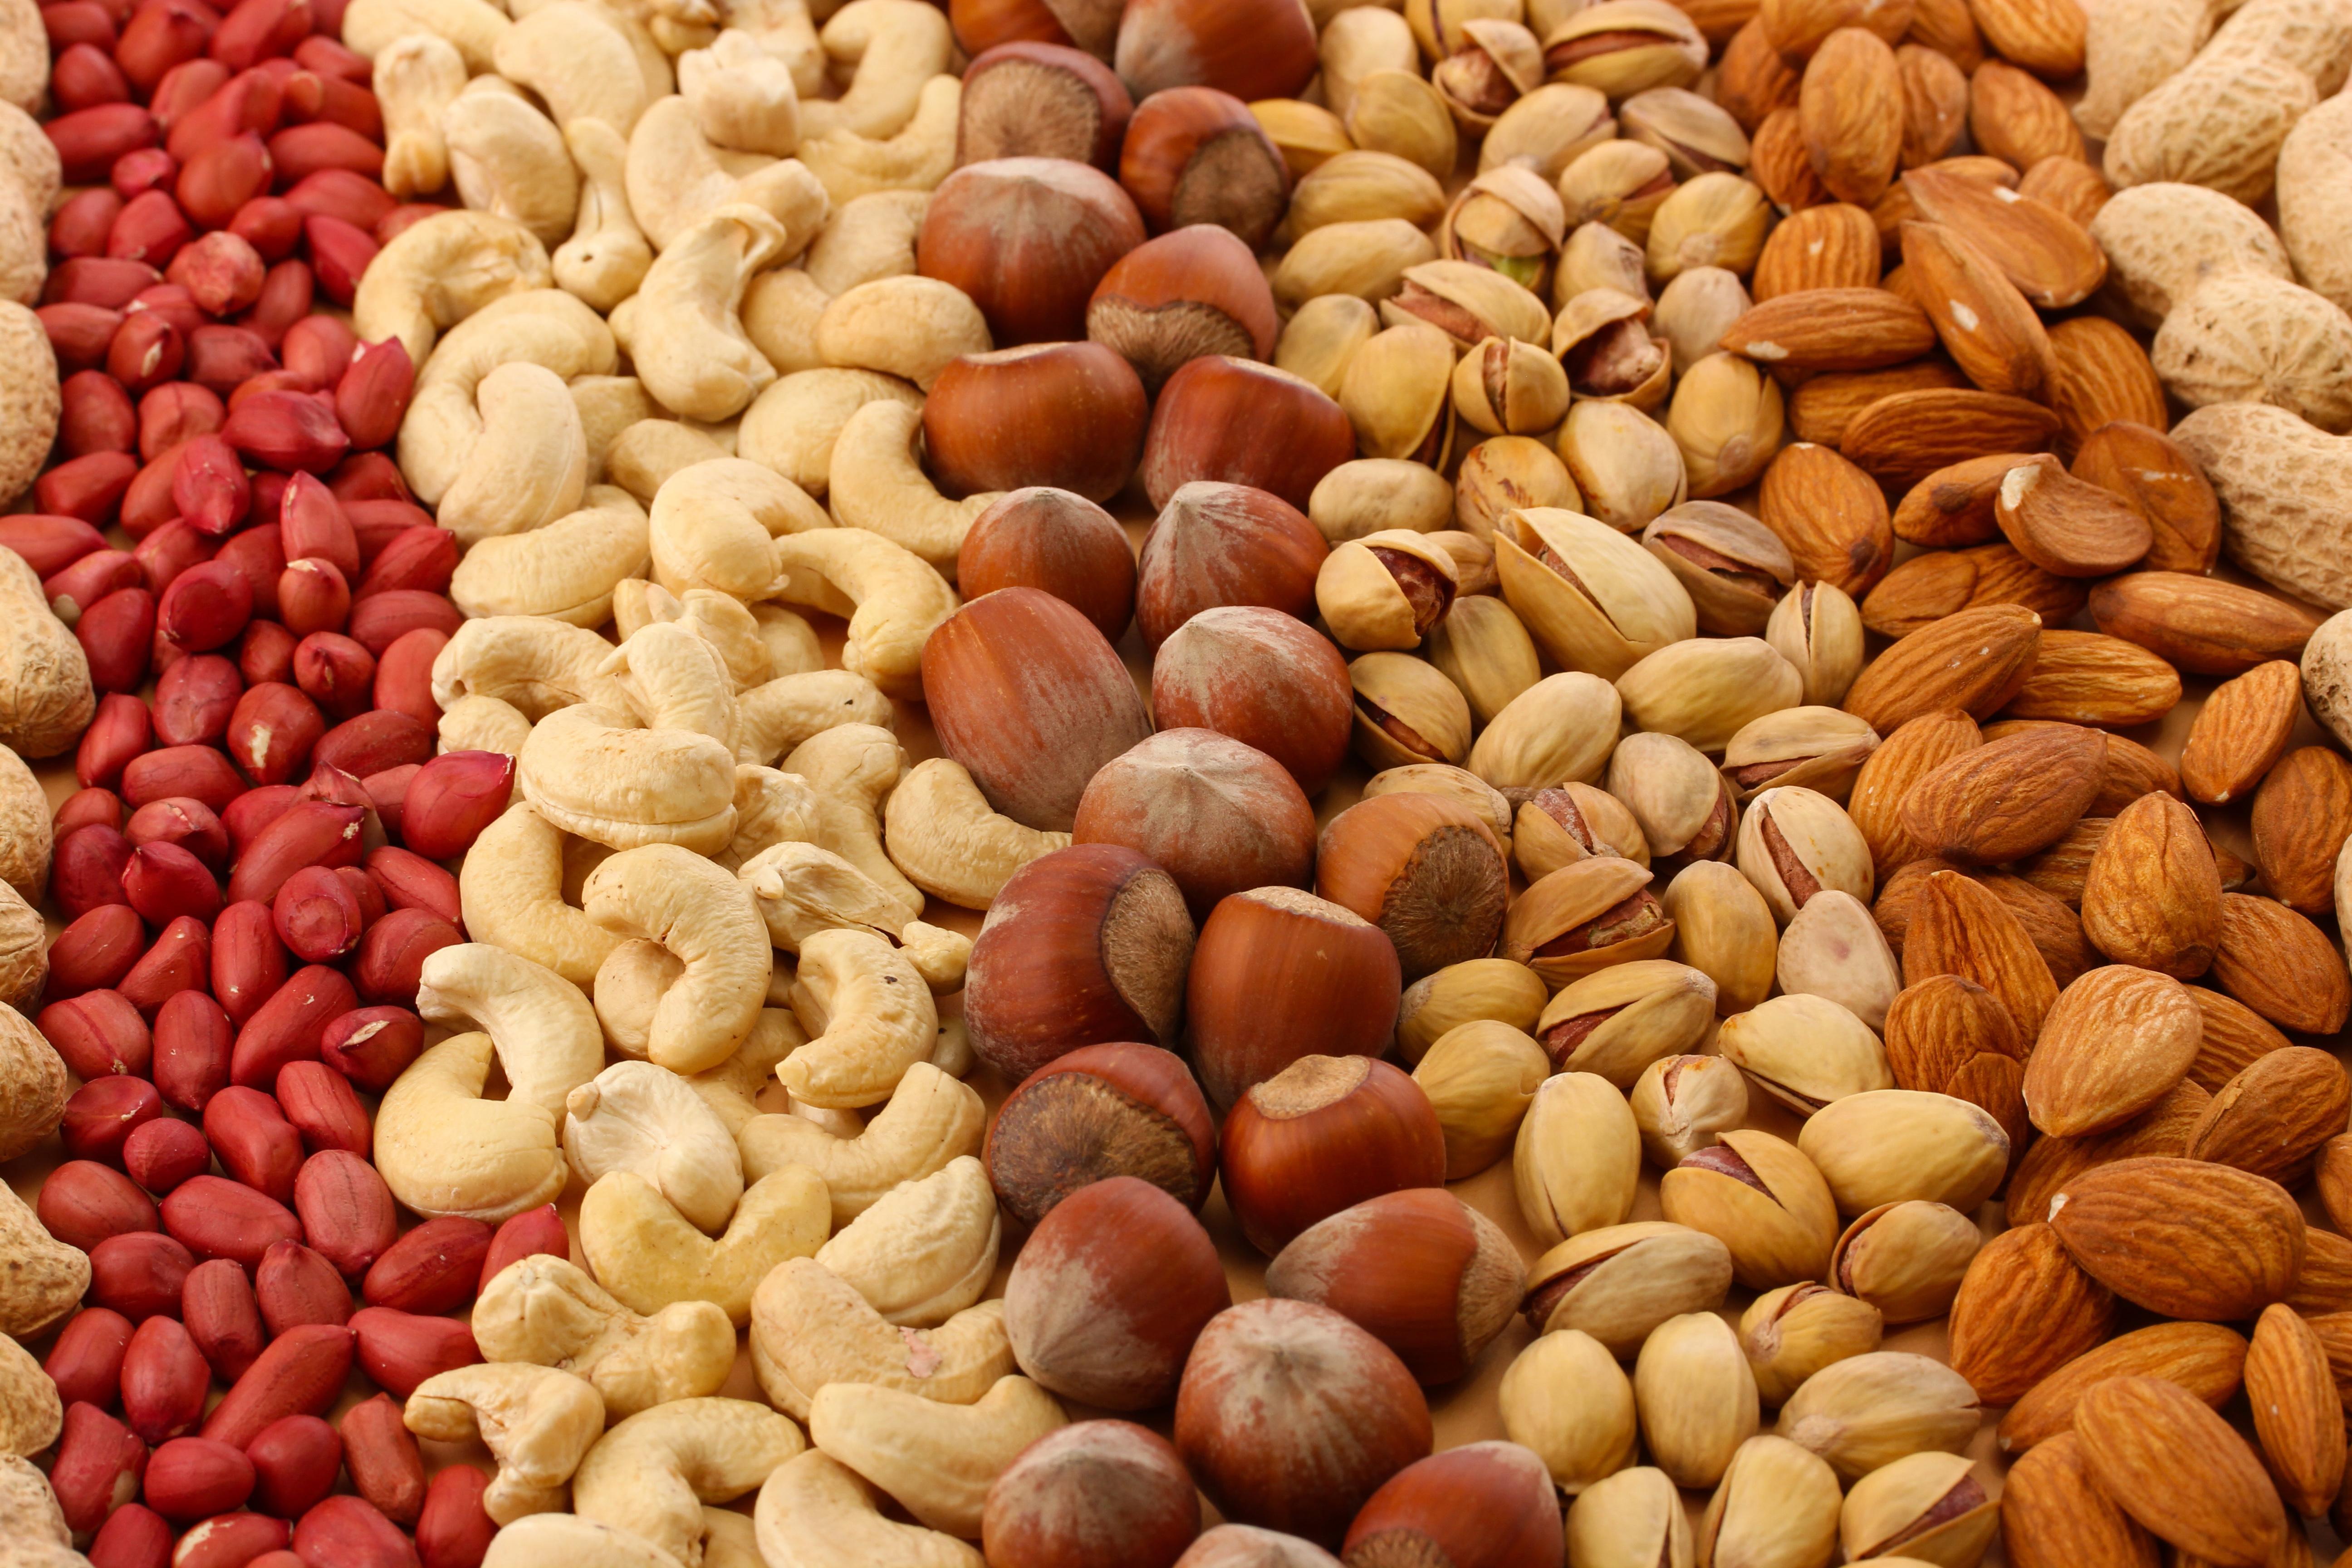 A Importância, Nutrientes e Propriedades dos Frutos Secos na Alimentação